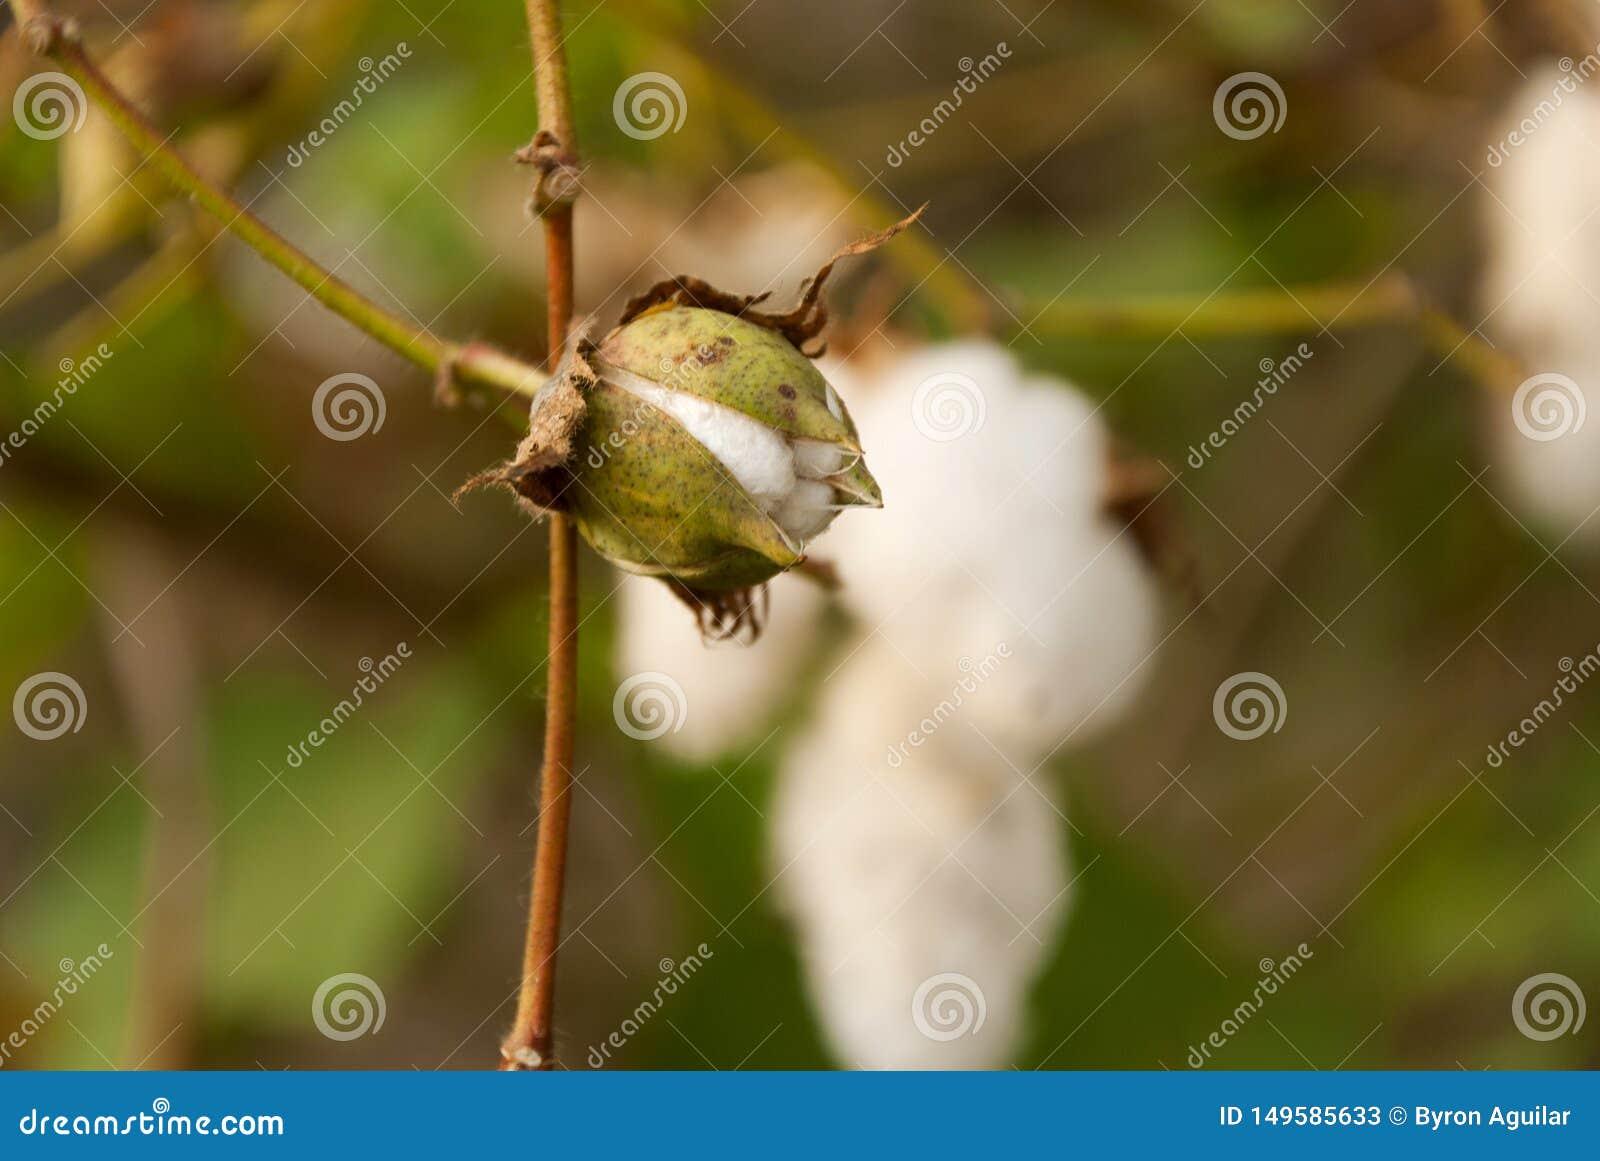 Levant Cotton in Guatemlaa. Gossypiumherbaceum.